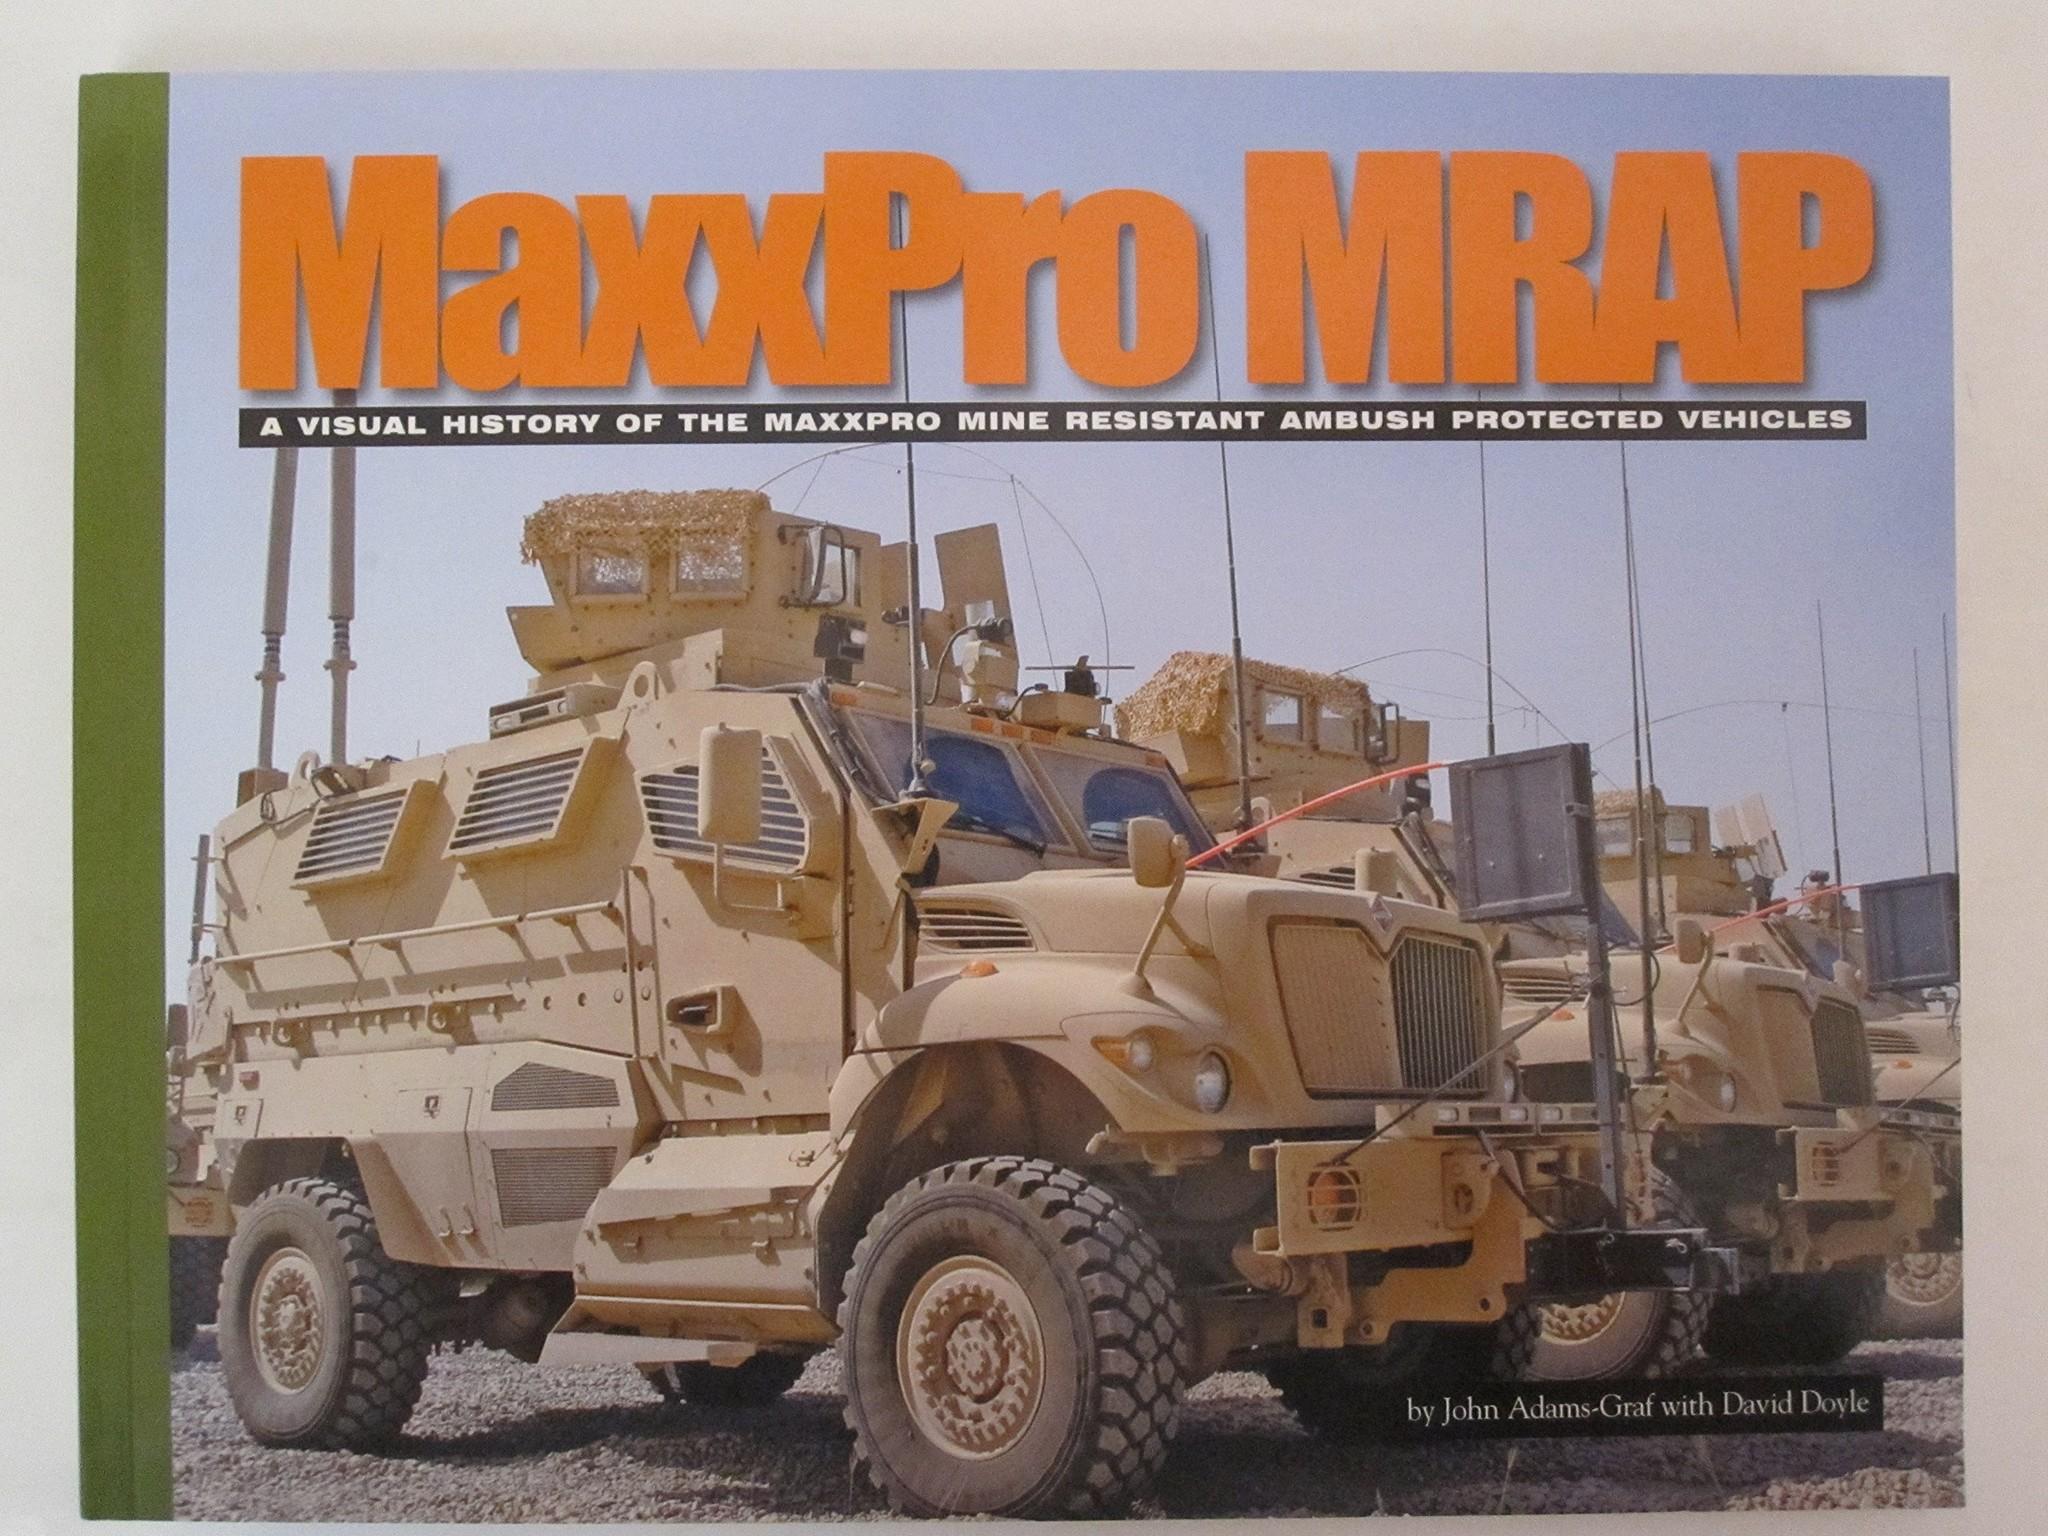 MaxxPro Mrap - A Visual History Of The Maxxpro Mine Resistant Ambush Protected Vehicles - Mmirmaxx - MMIRMAXX